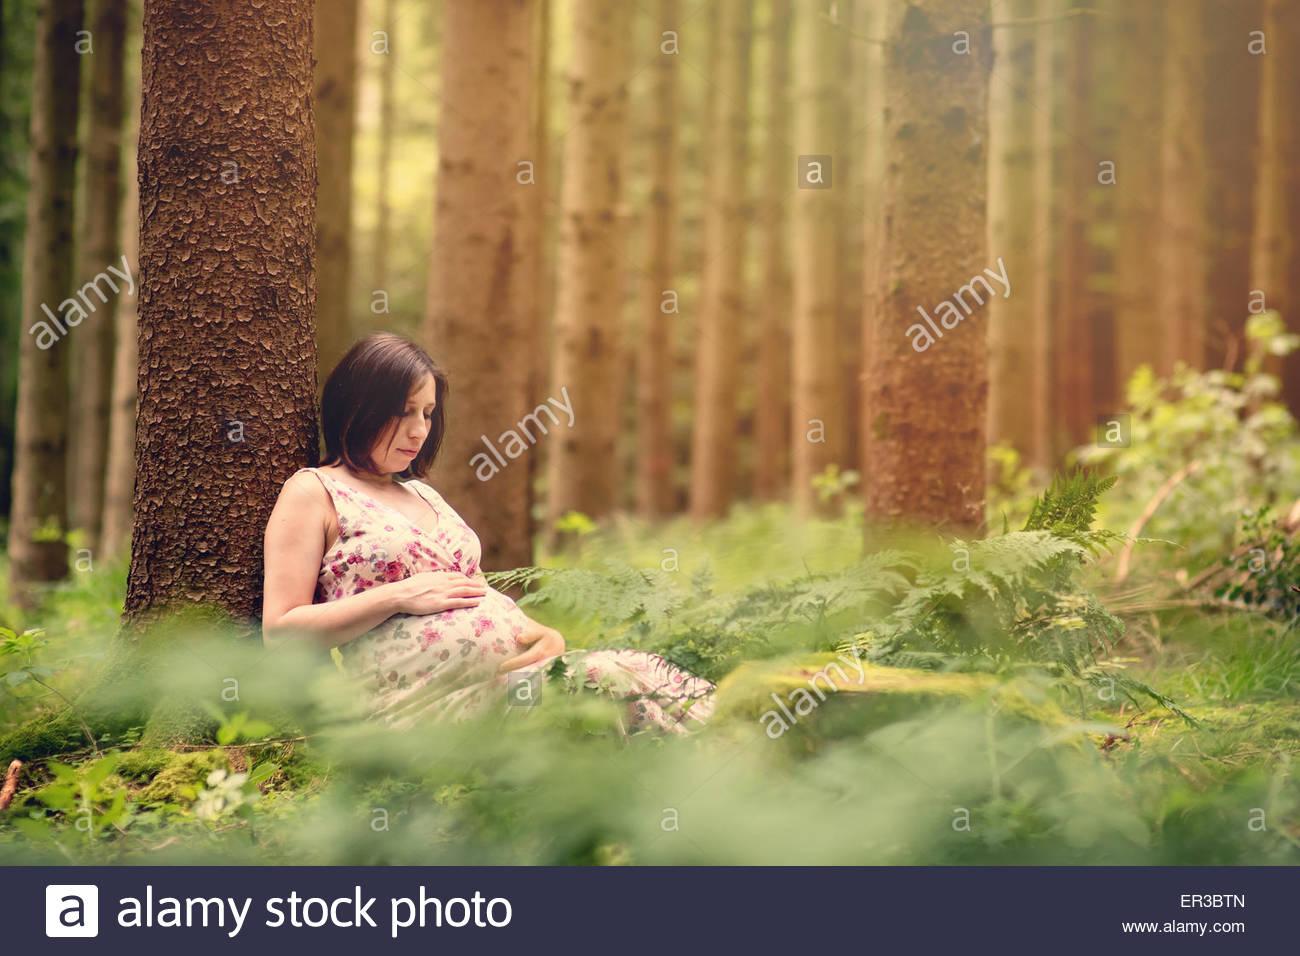 Schwangere Frau lehnte sich gegen einen Baum im Wald Stockbild